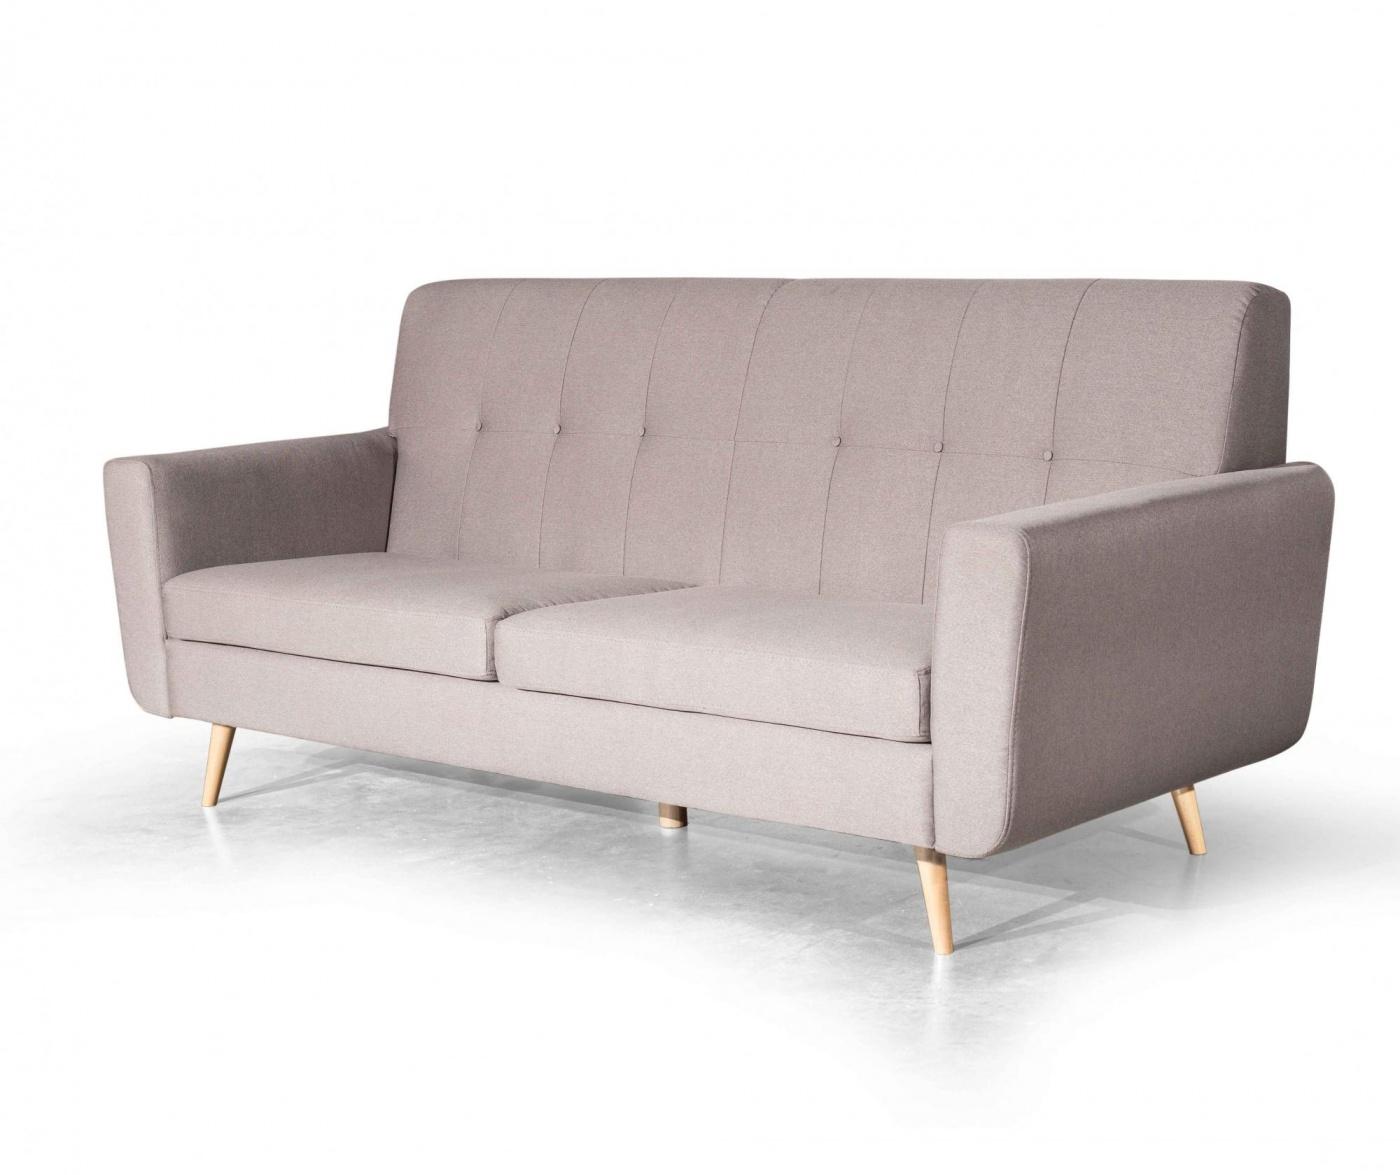 Canapea 3 locuri Retro Zander Light Grey